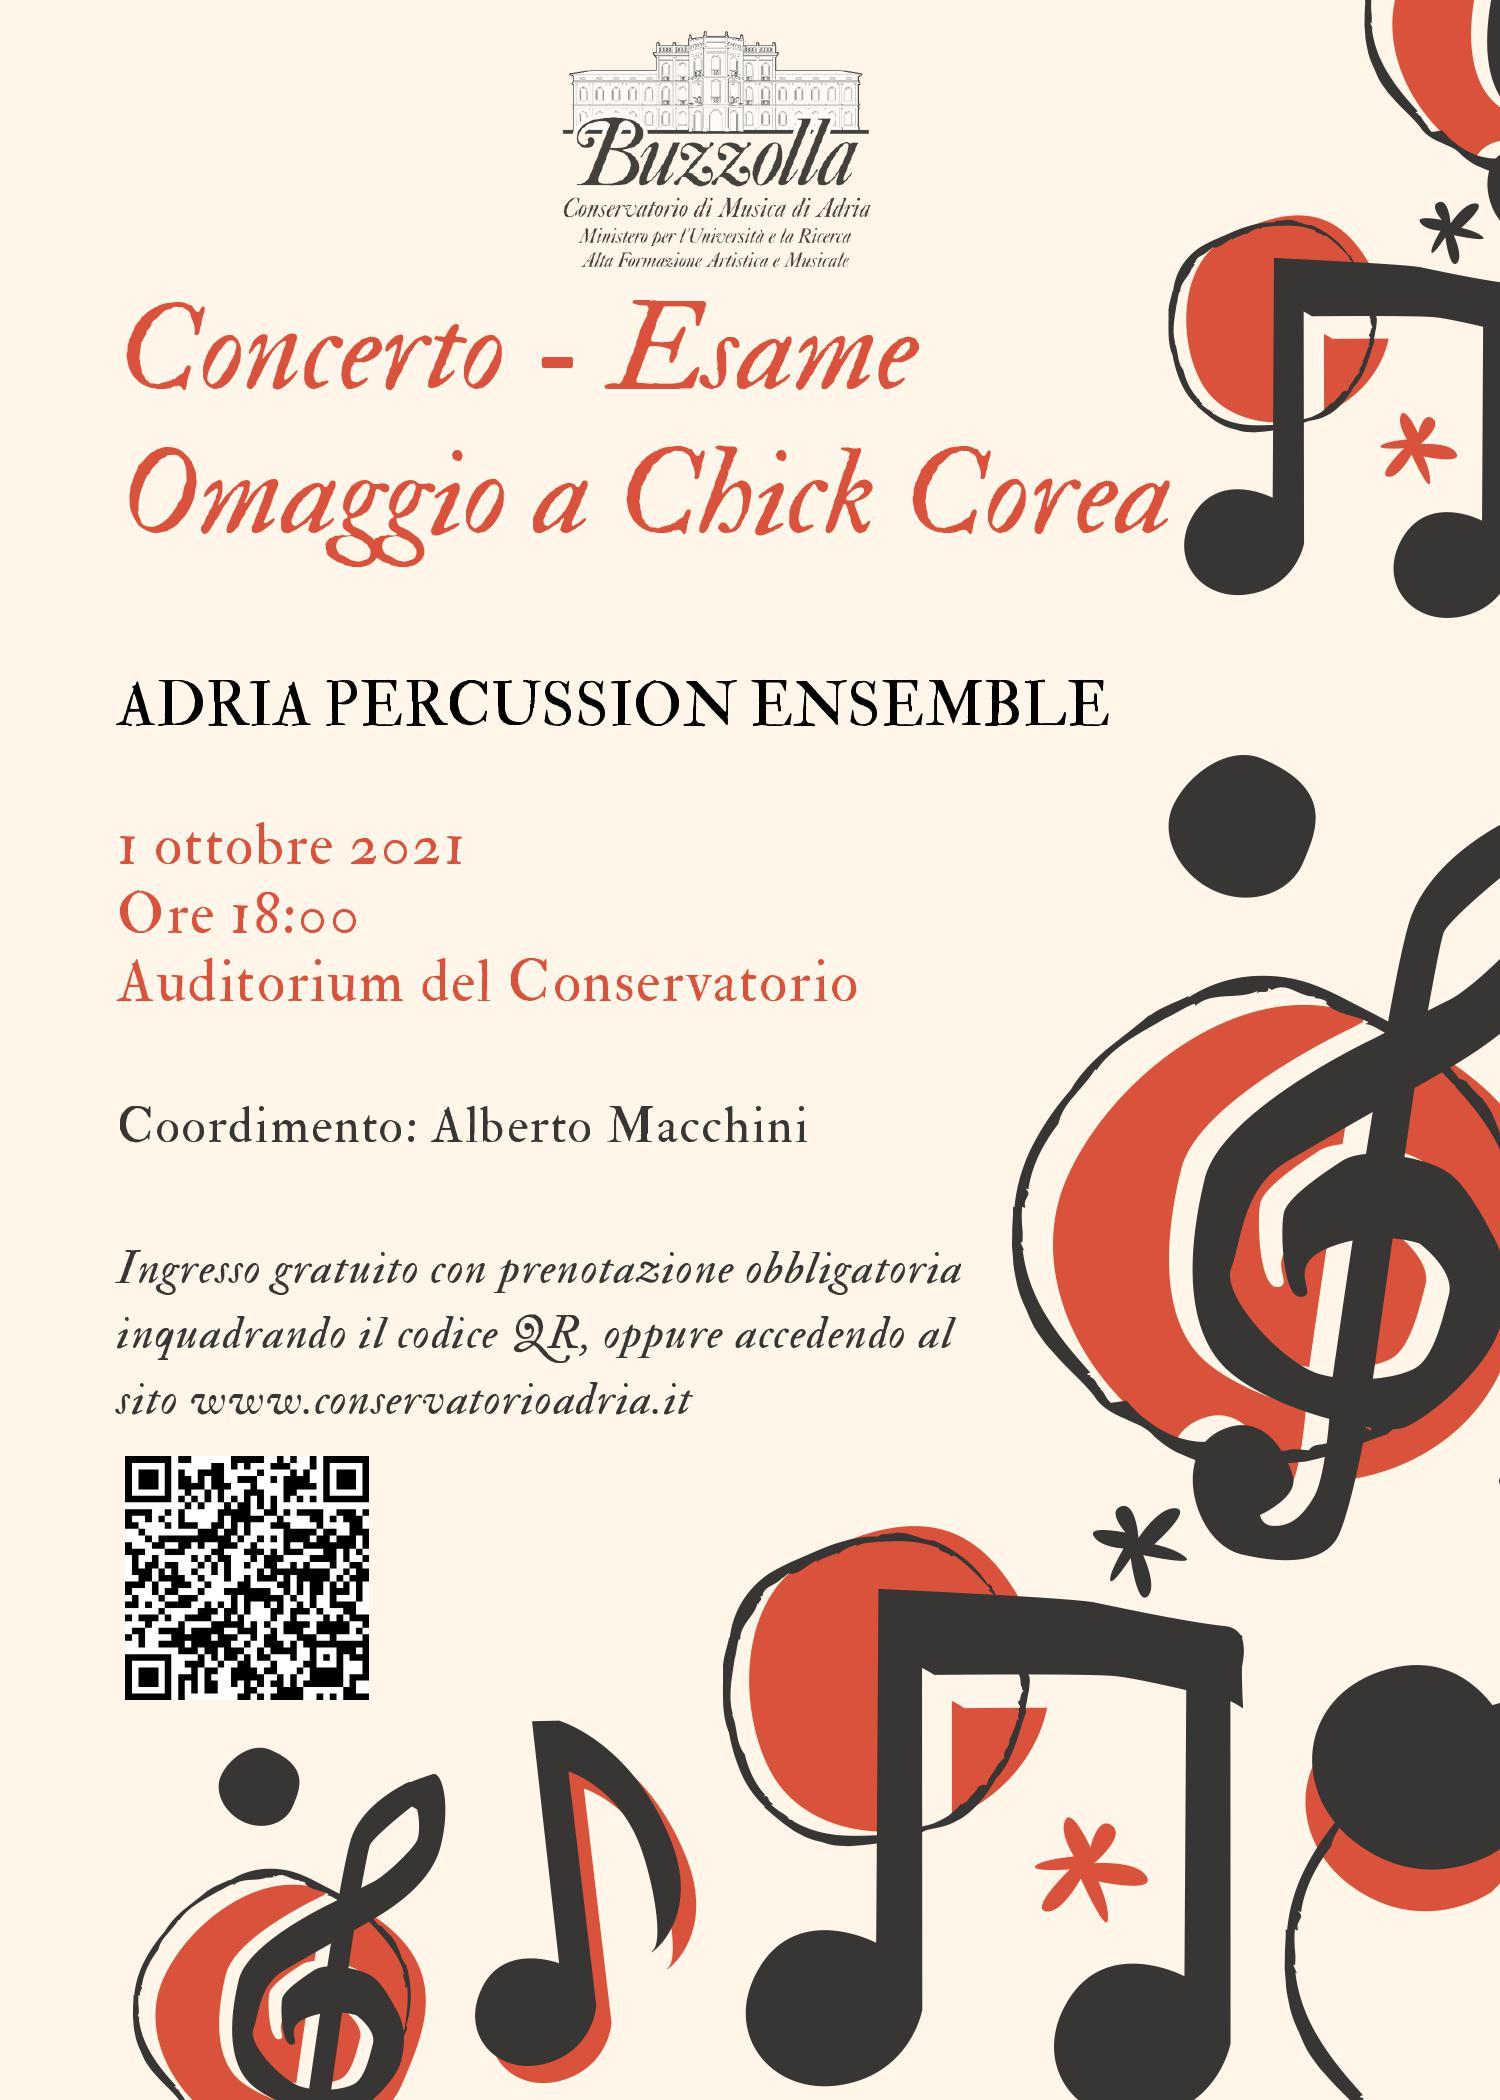 Concerto/Esame – Adria Percussion Ensemble – Omaggio a Chick Corea